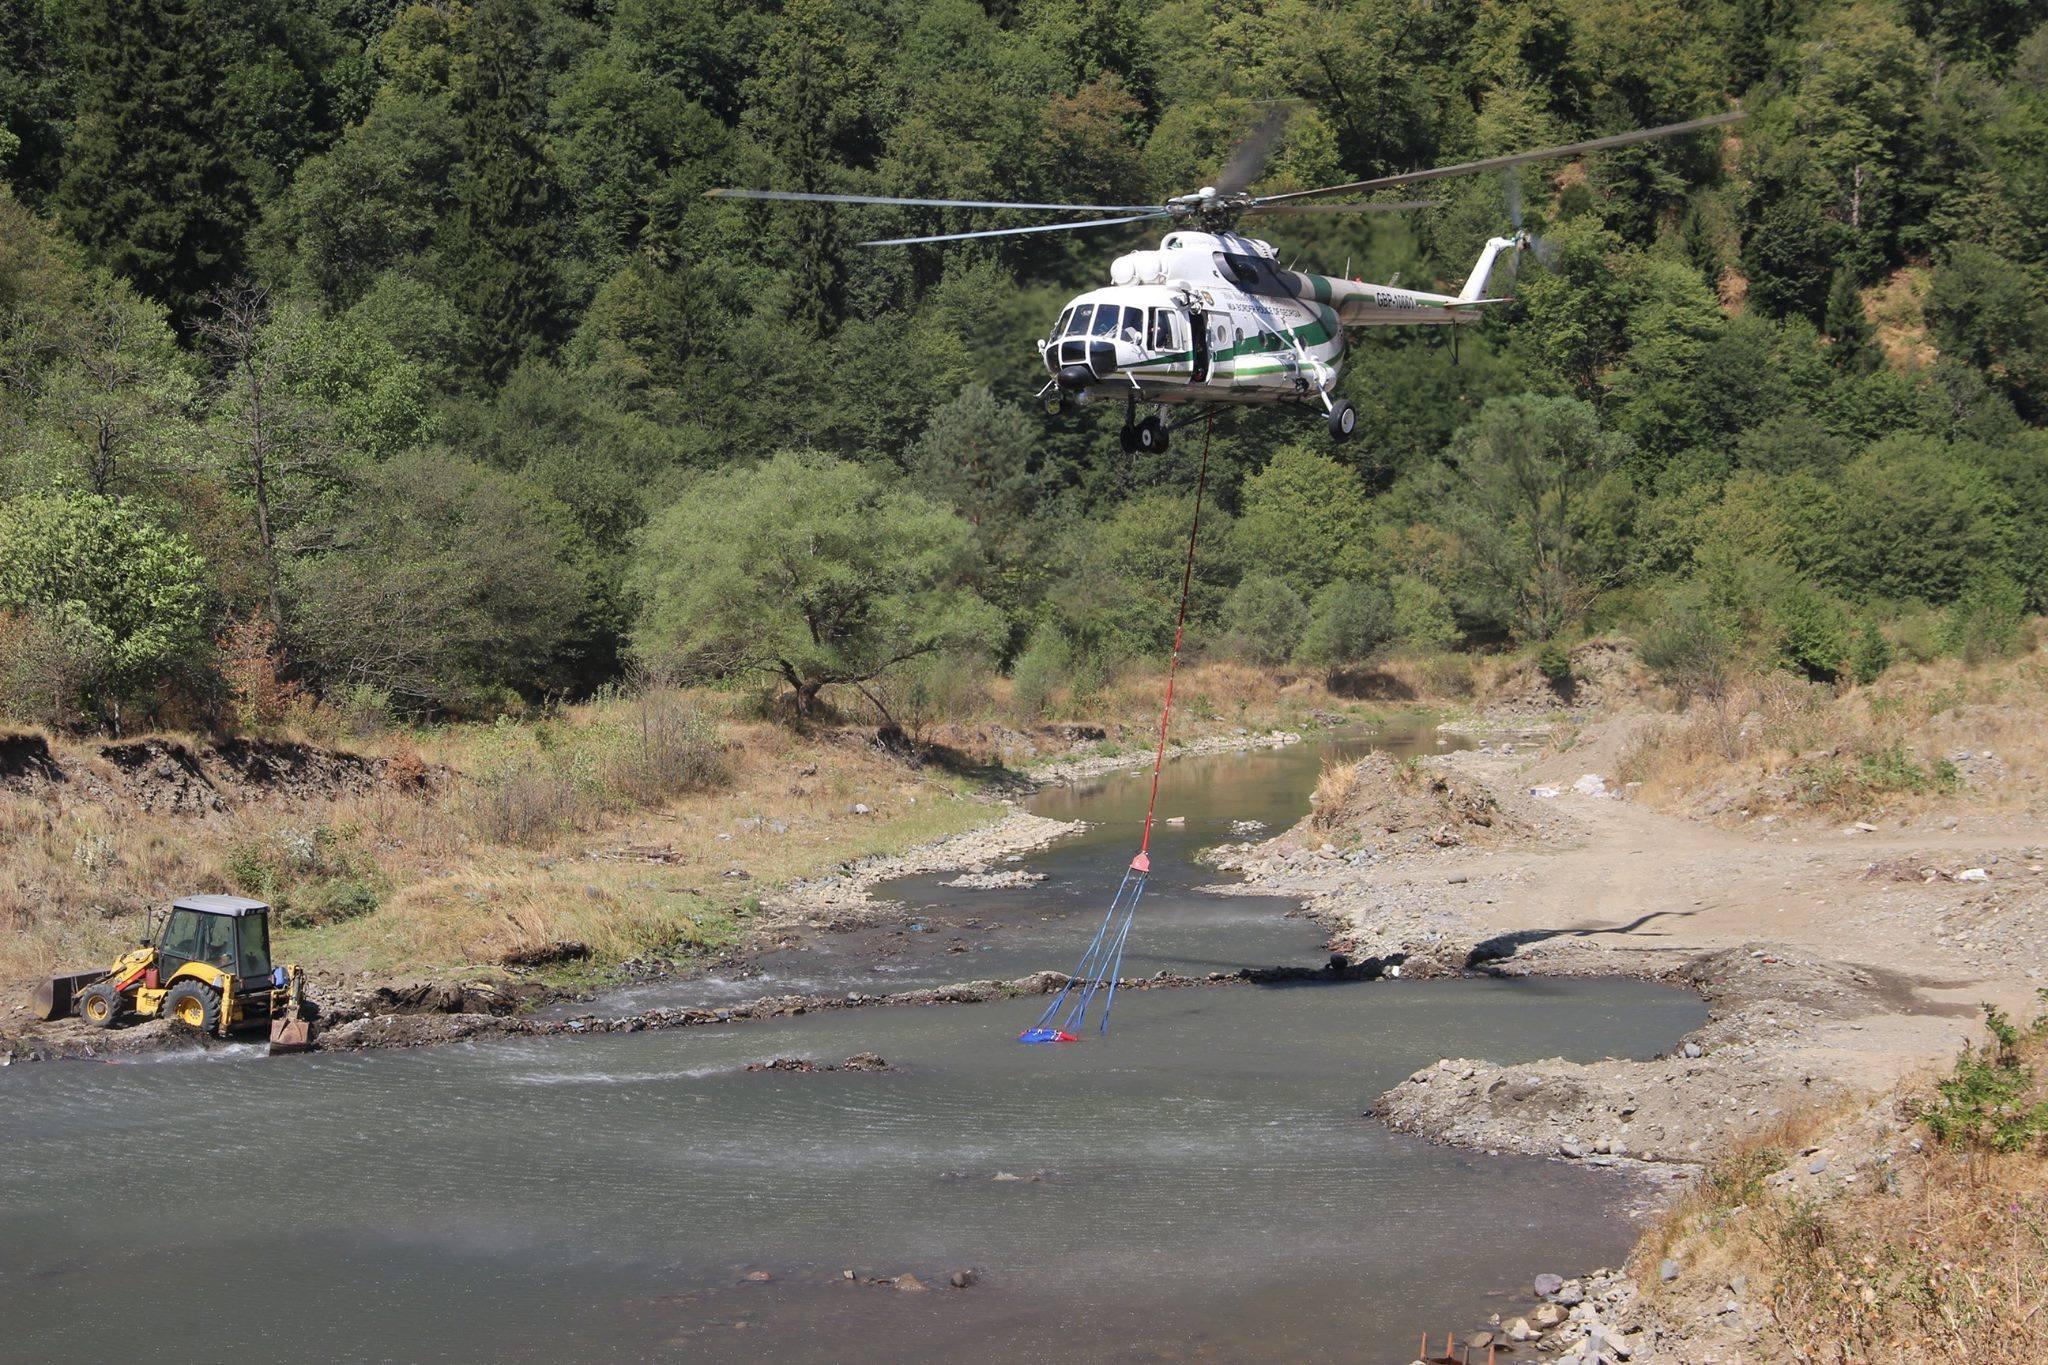 20933940 1482333765156922 3506314767527452940 o #новости Ахалцихе, вертолет, Грузия, пожар